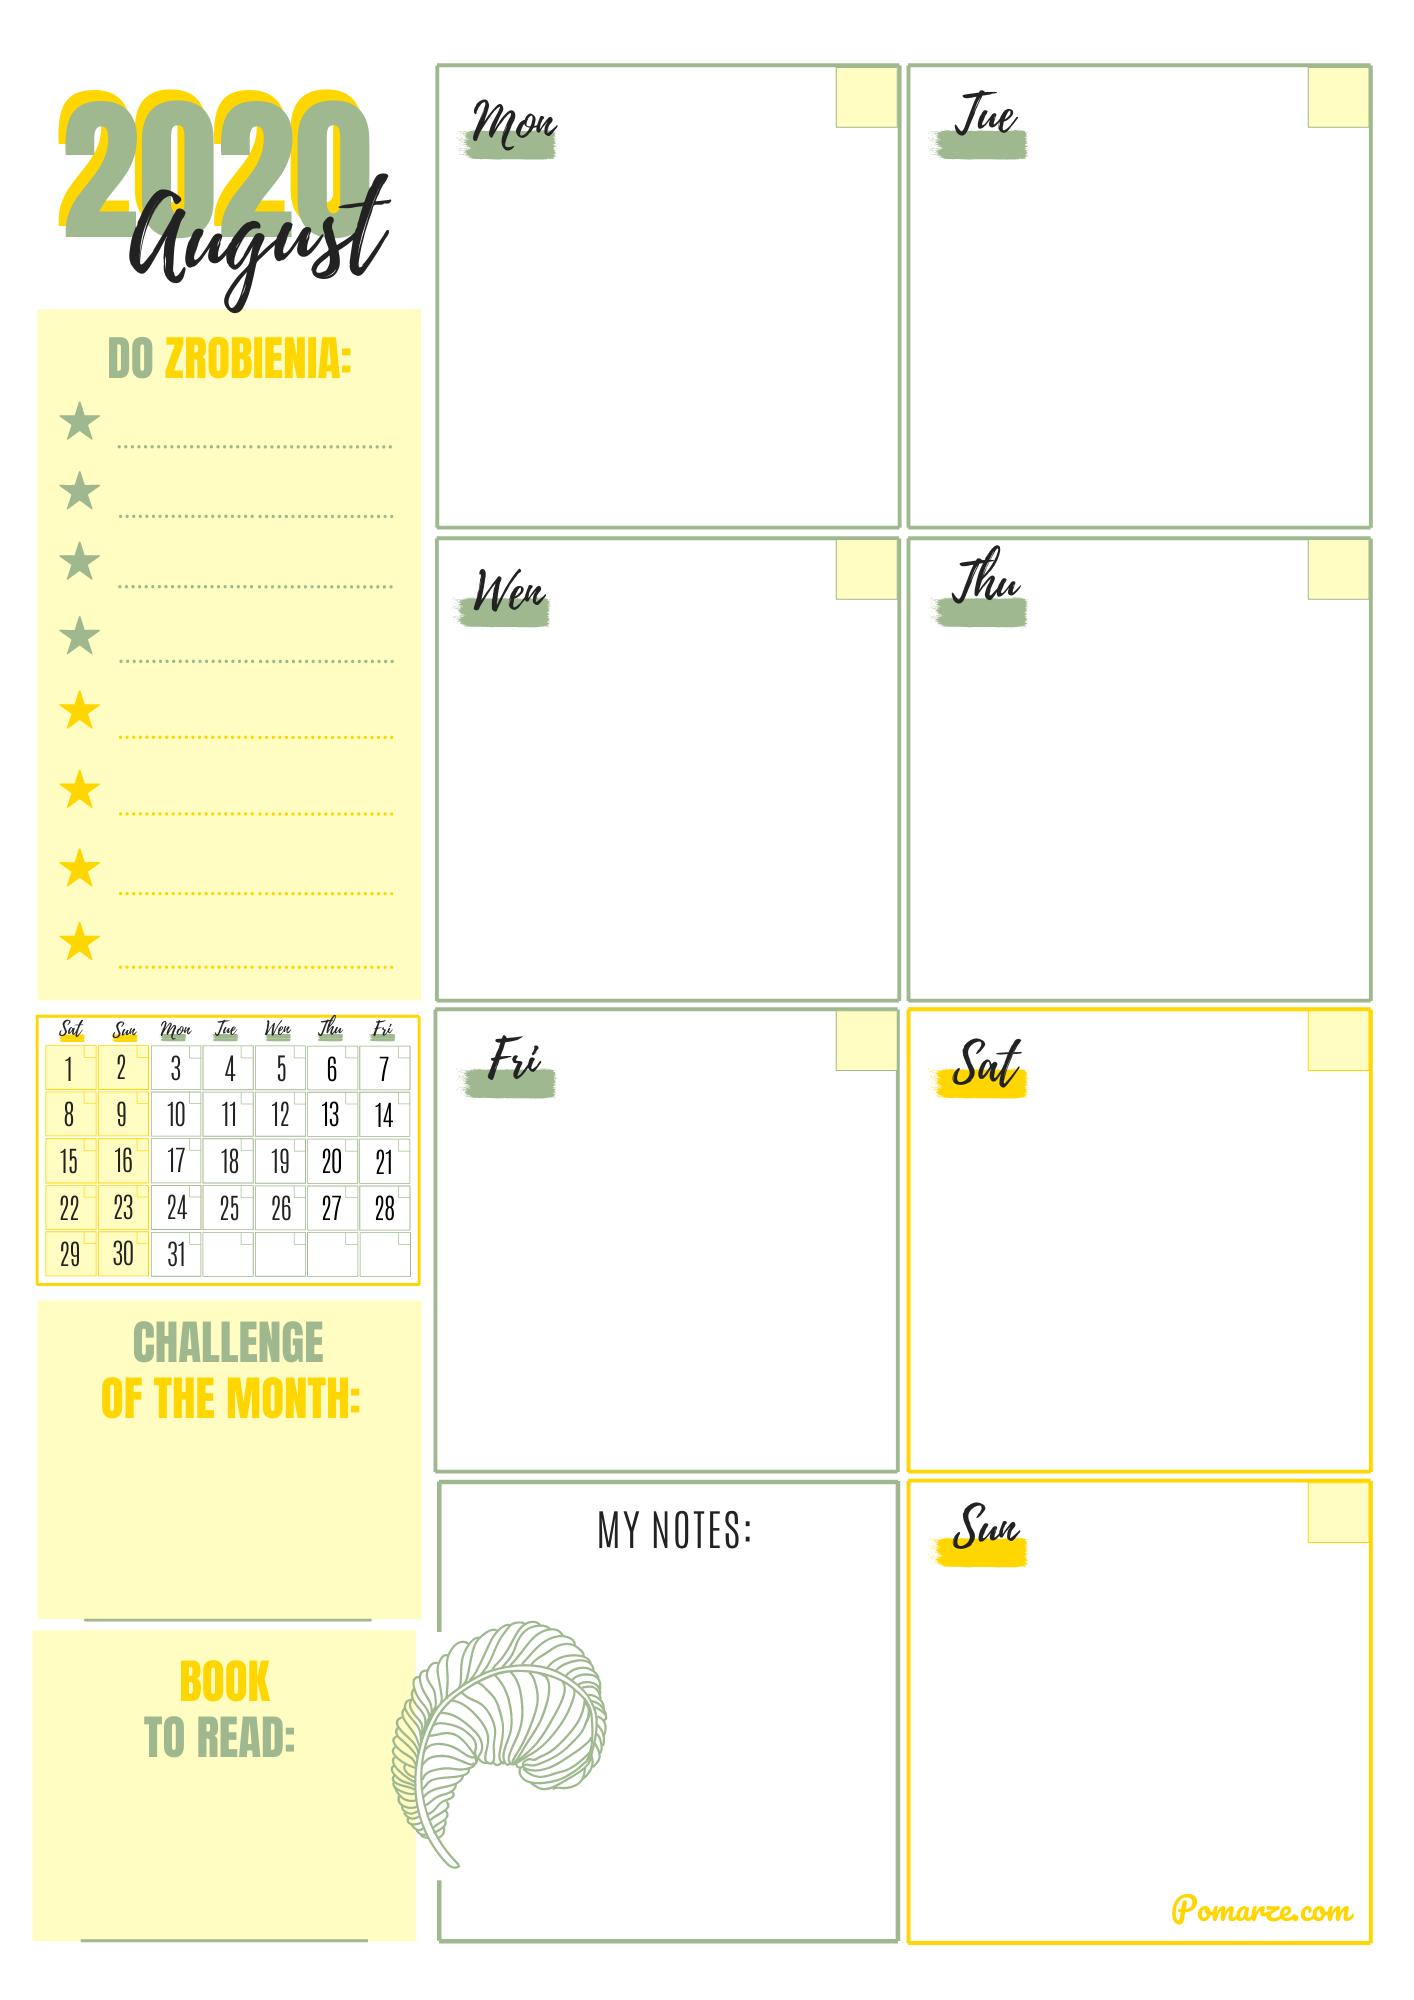 kalendarz planer miesięczny 2020 sierpień Pomarze wydruku pdf